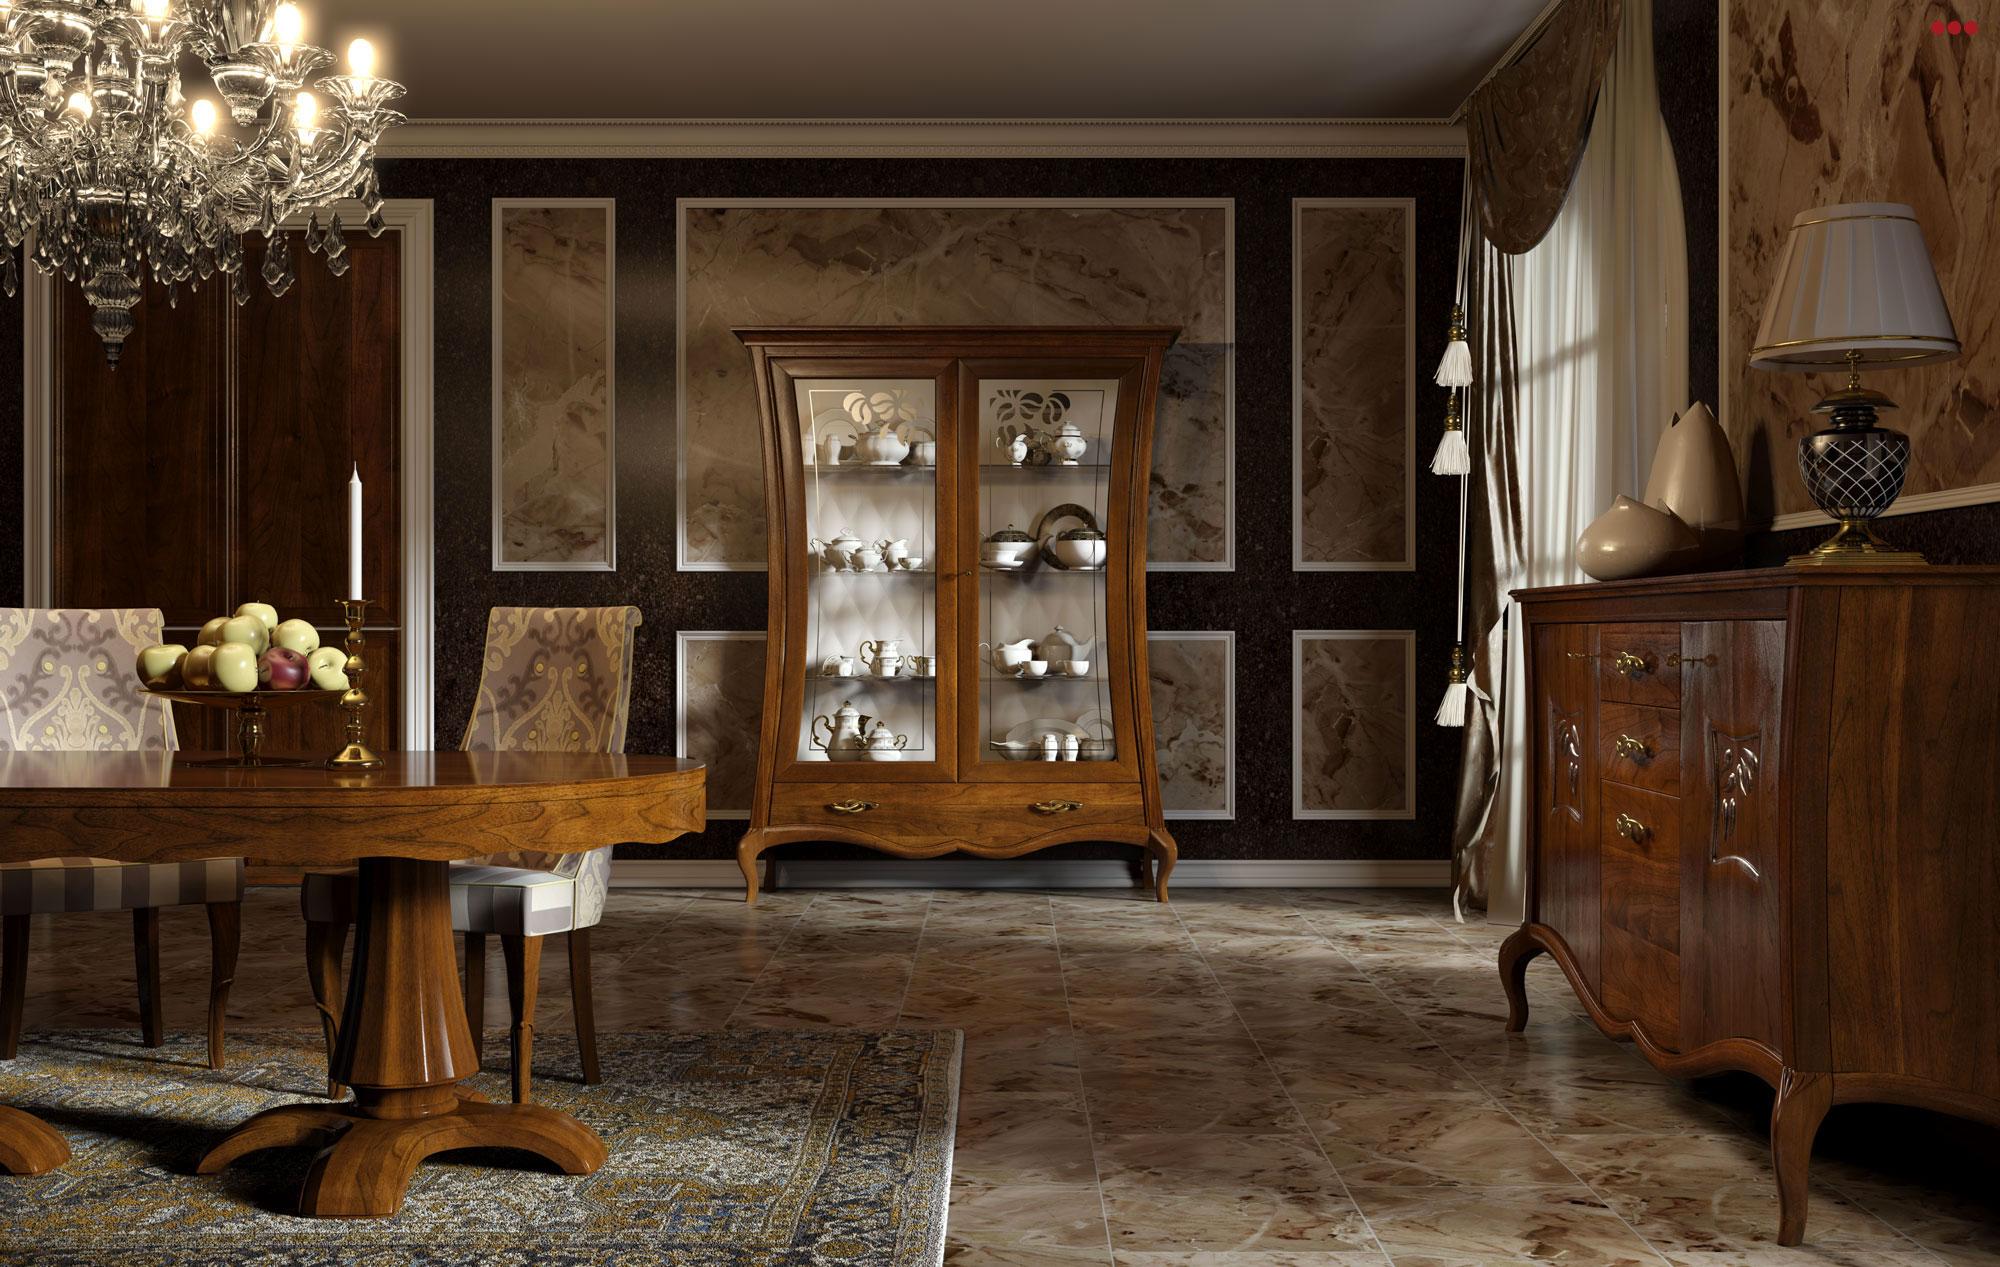 Studio Bartolini rendering grafico 3D catalogo Stilema La Dolce Vita 2012 mobile classico soggiorno C